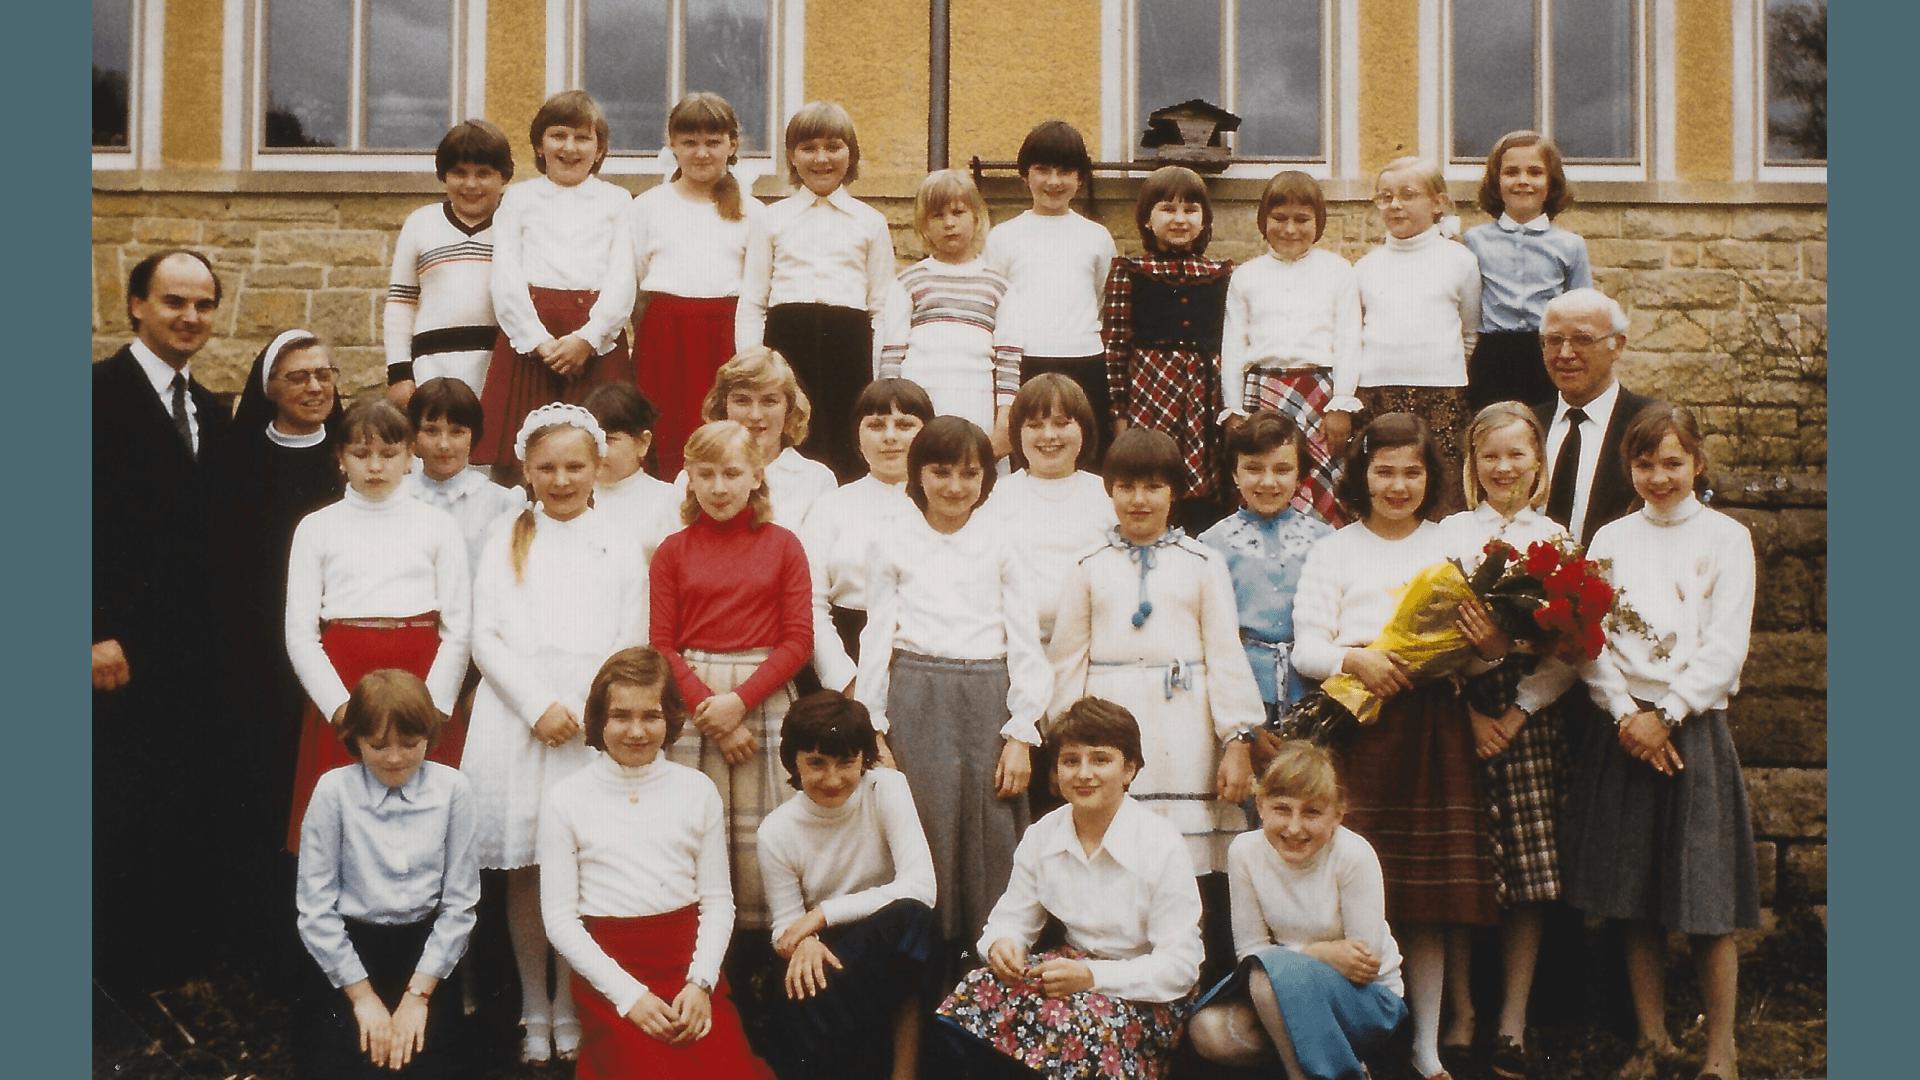 Verabschiedung der Förderklasse 1982. Foto: Archiv Arme Schulschwestern